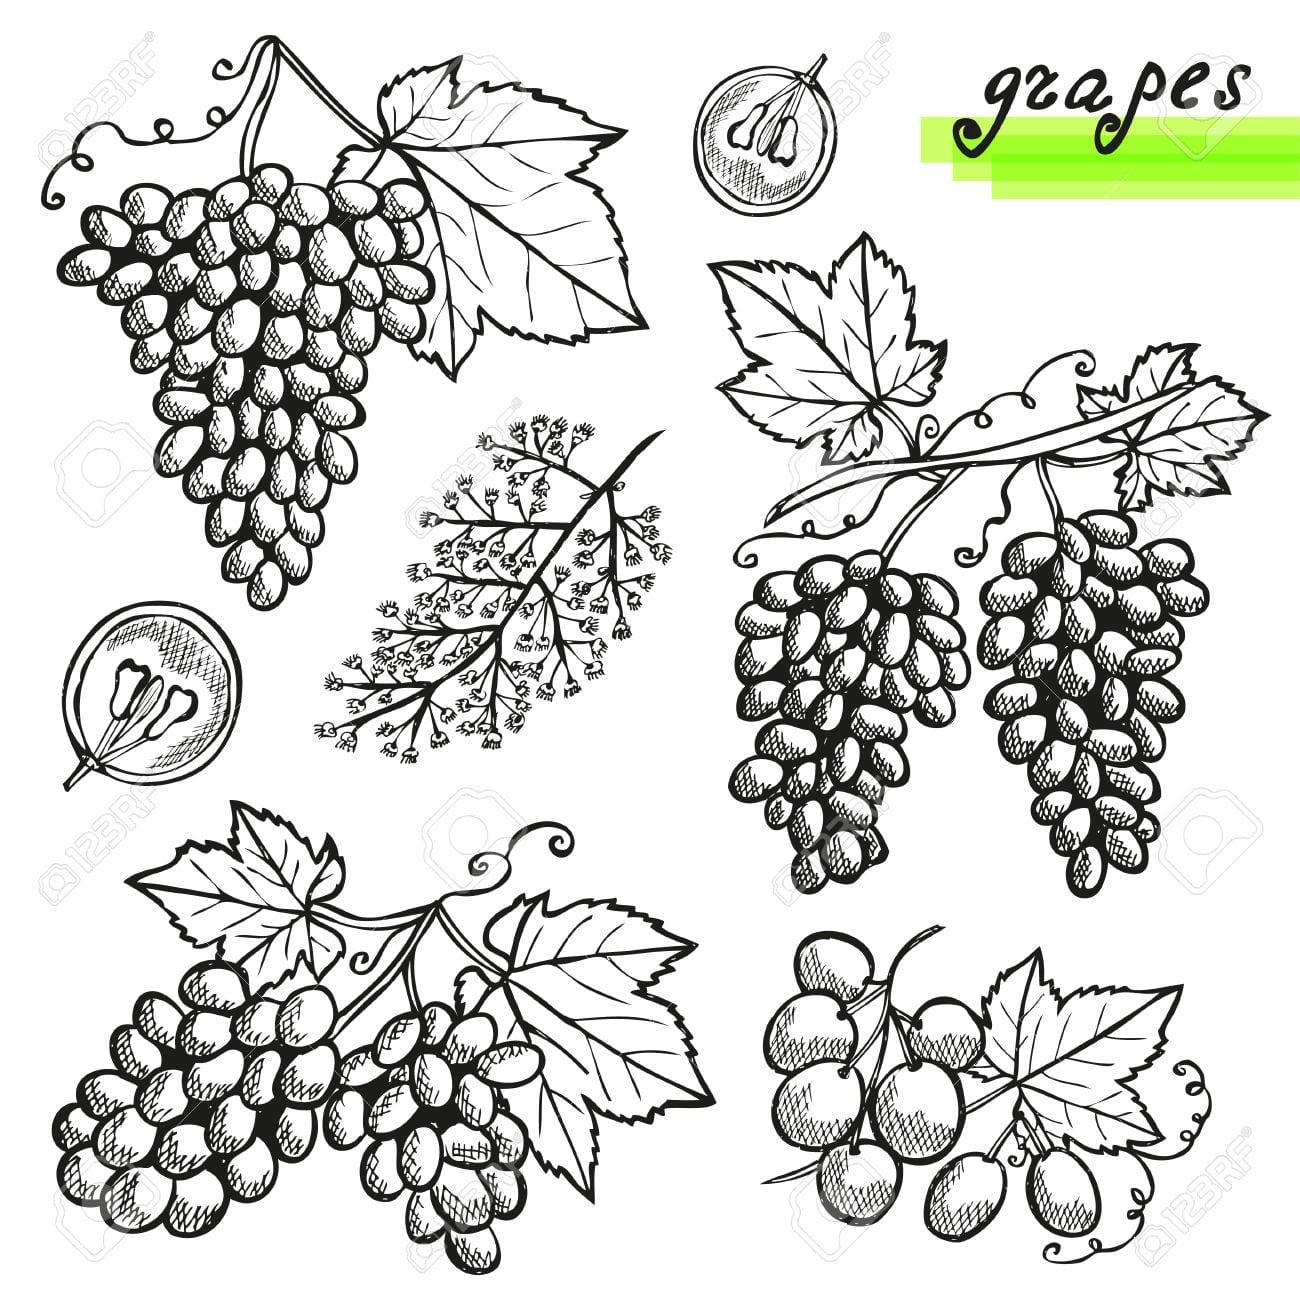 Desenho Uvas Decorativos, Inteiras Ou Cortadas, E Flor De Uva